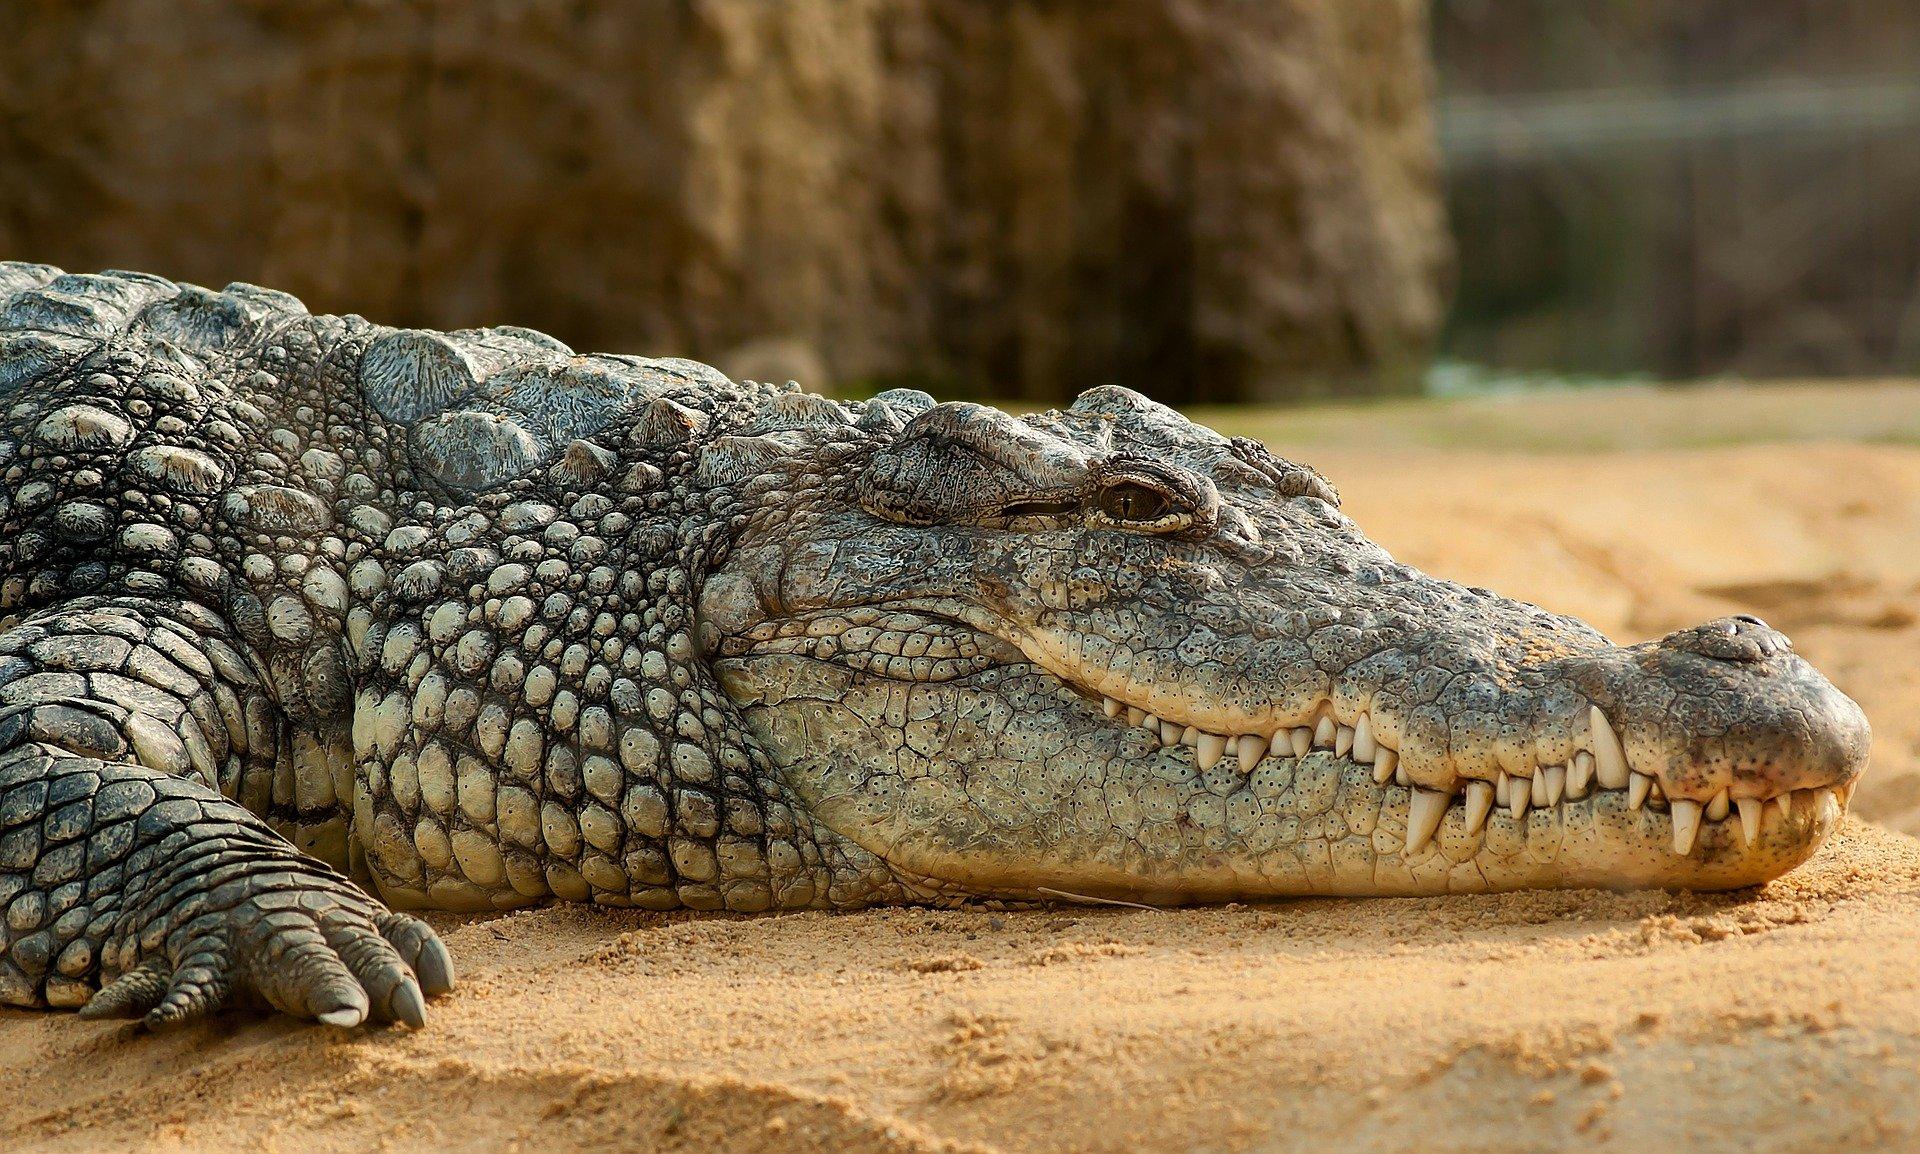 Dubai Aquarium - King Croc